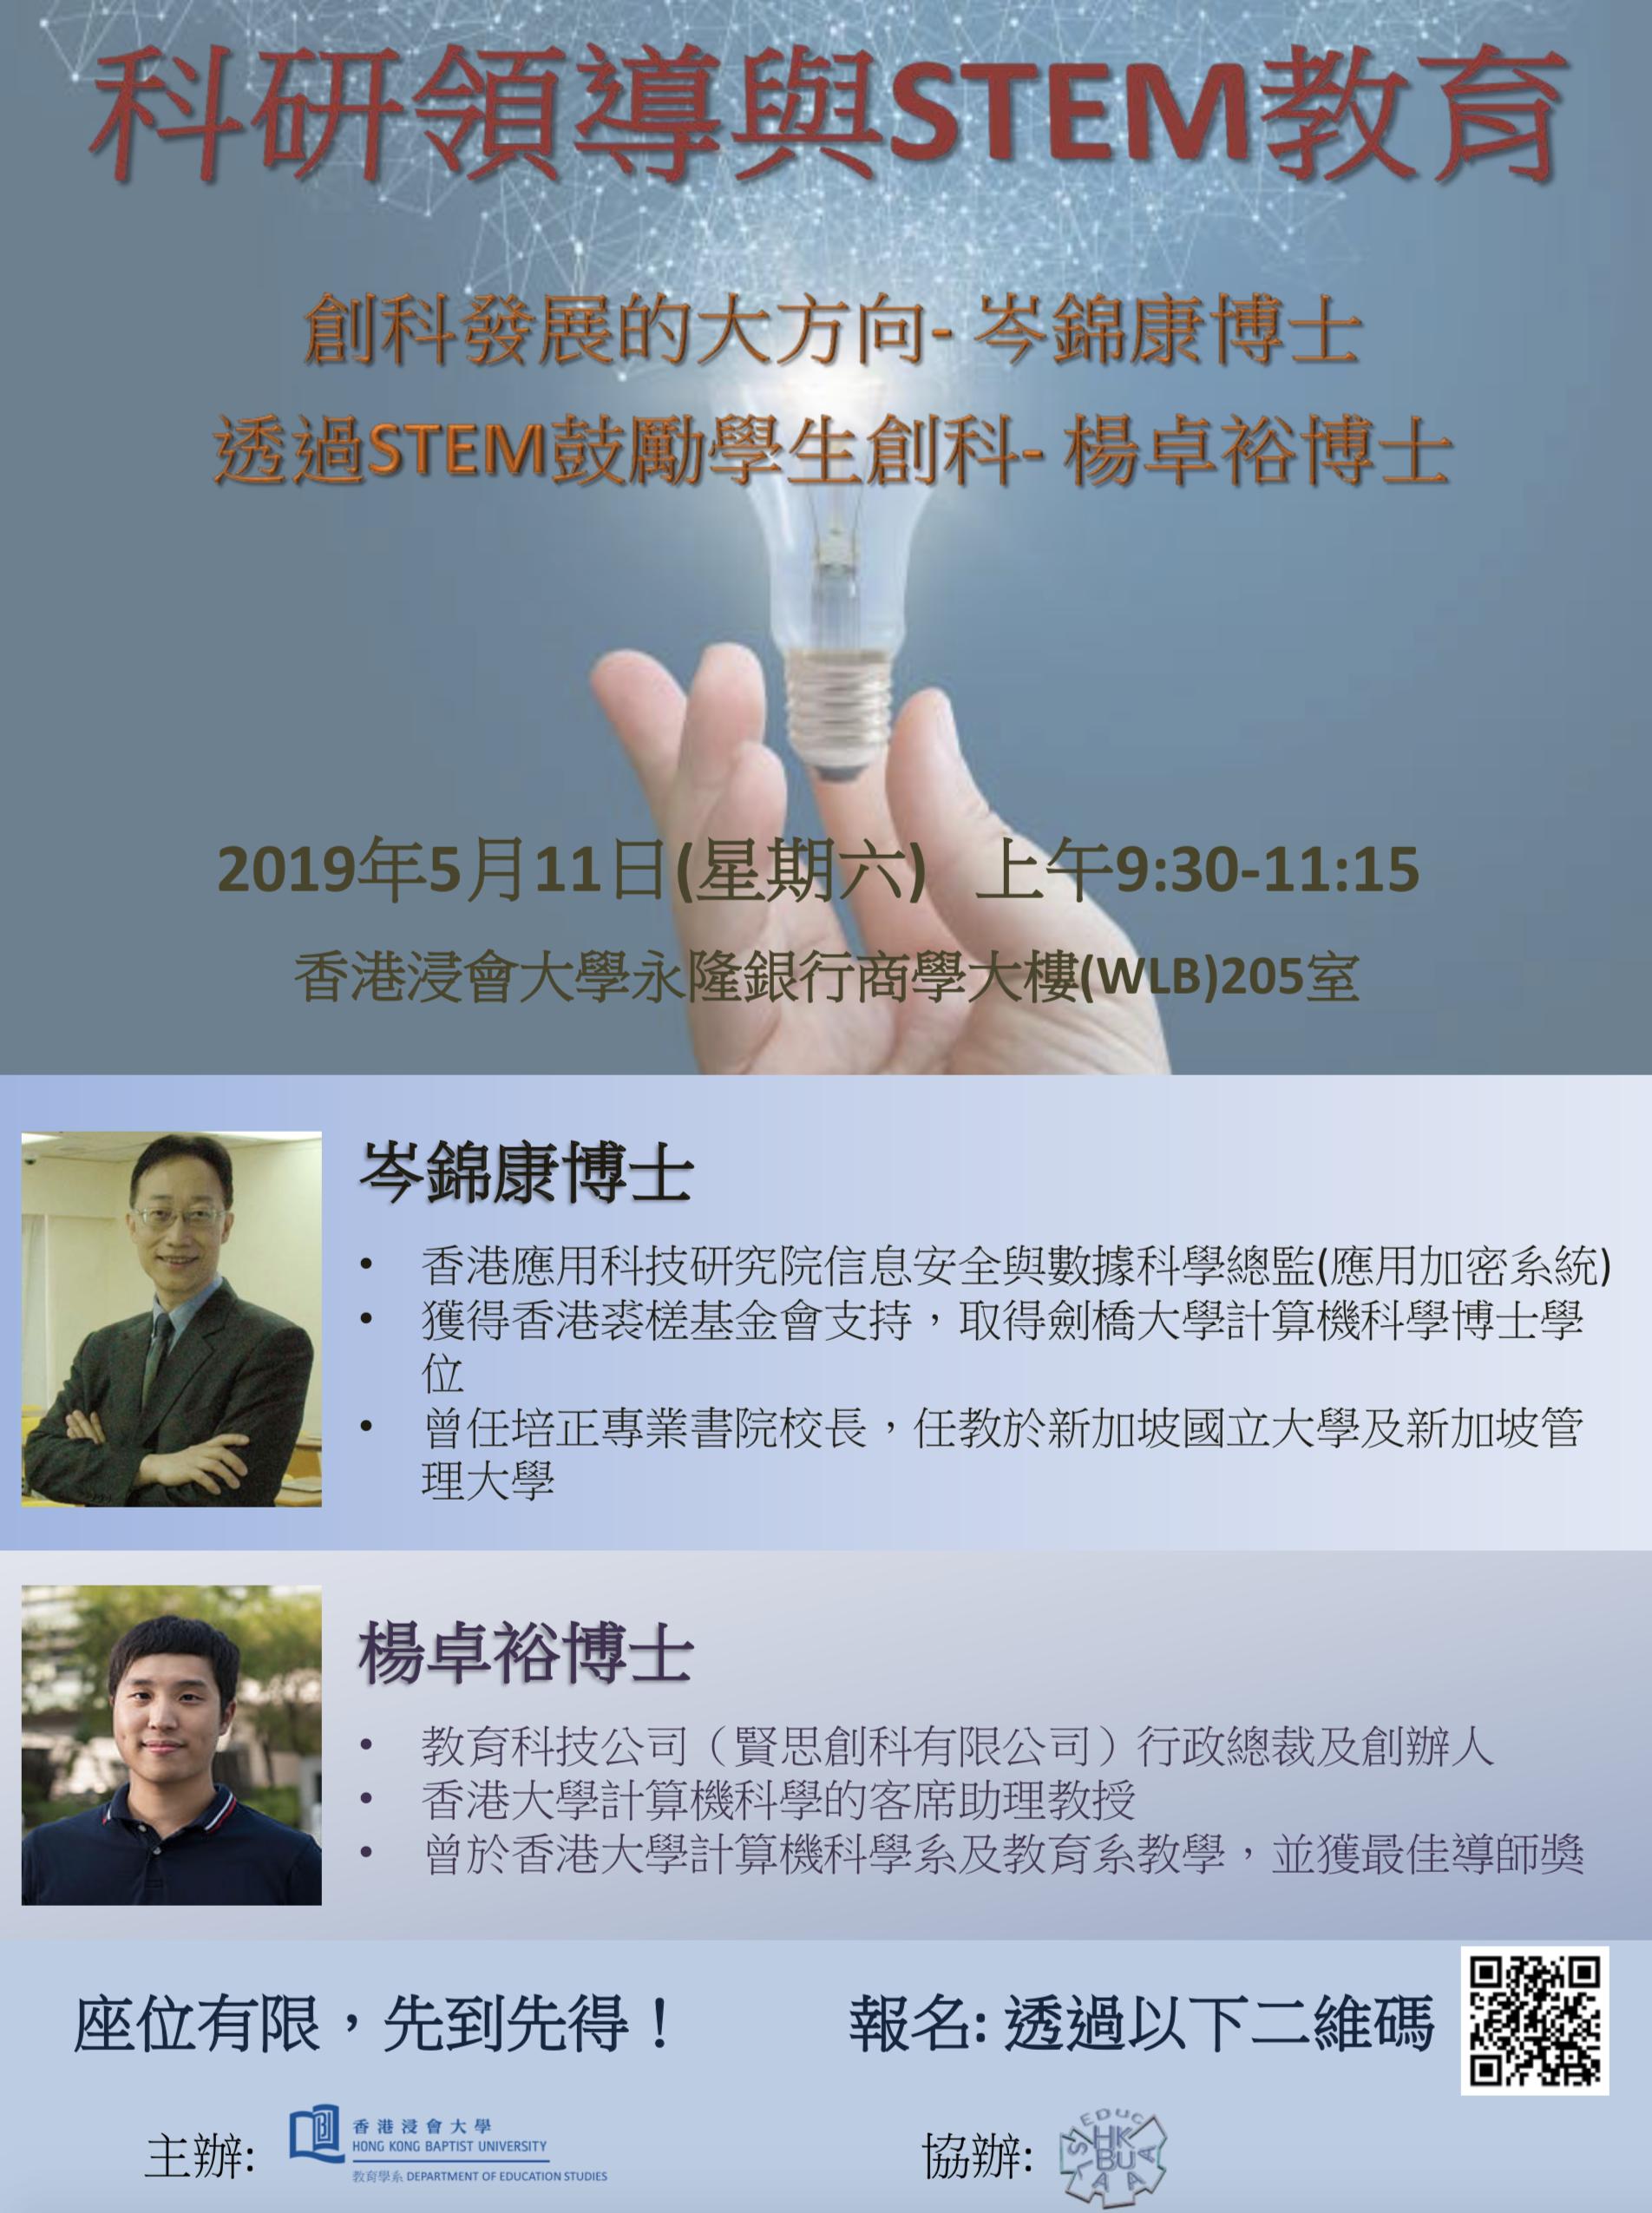 MagiCube Una Sharing in HKBU